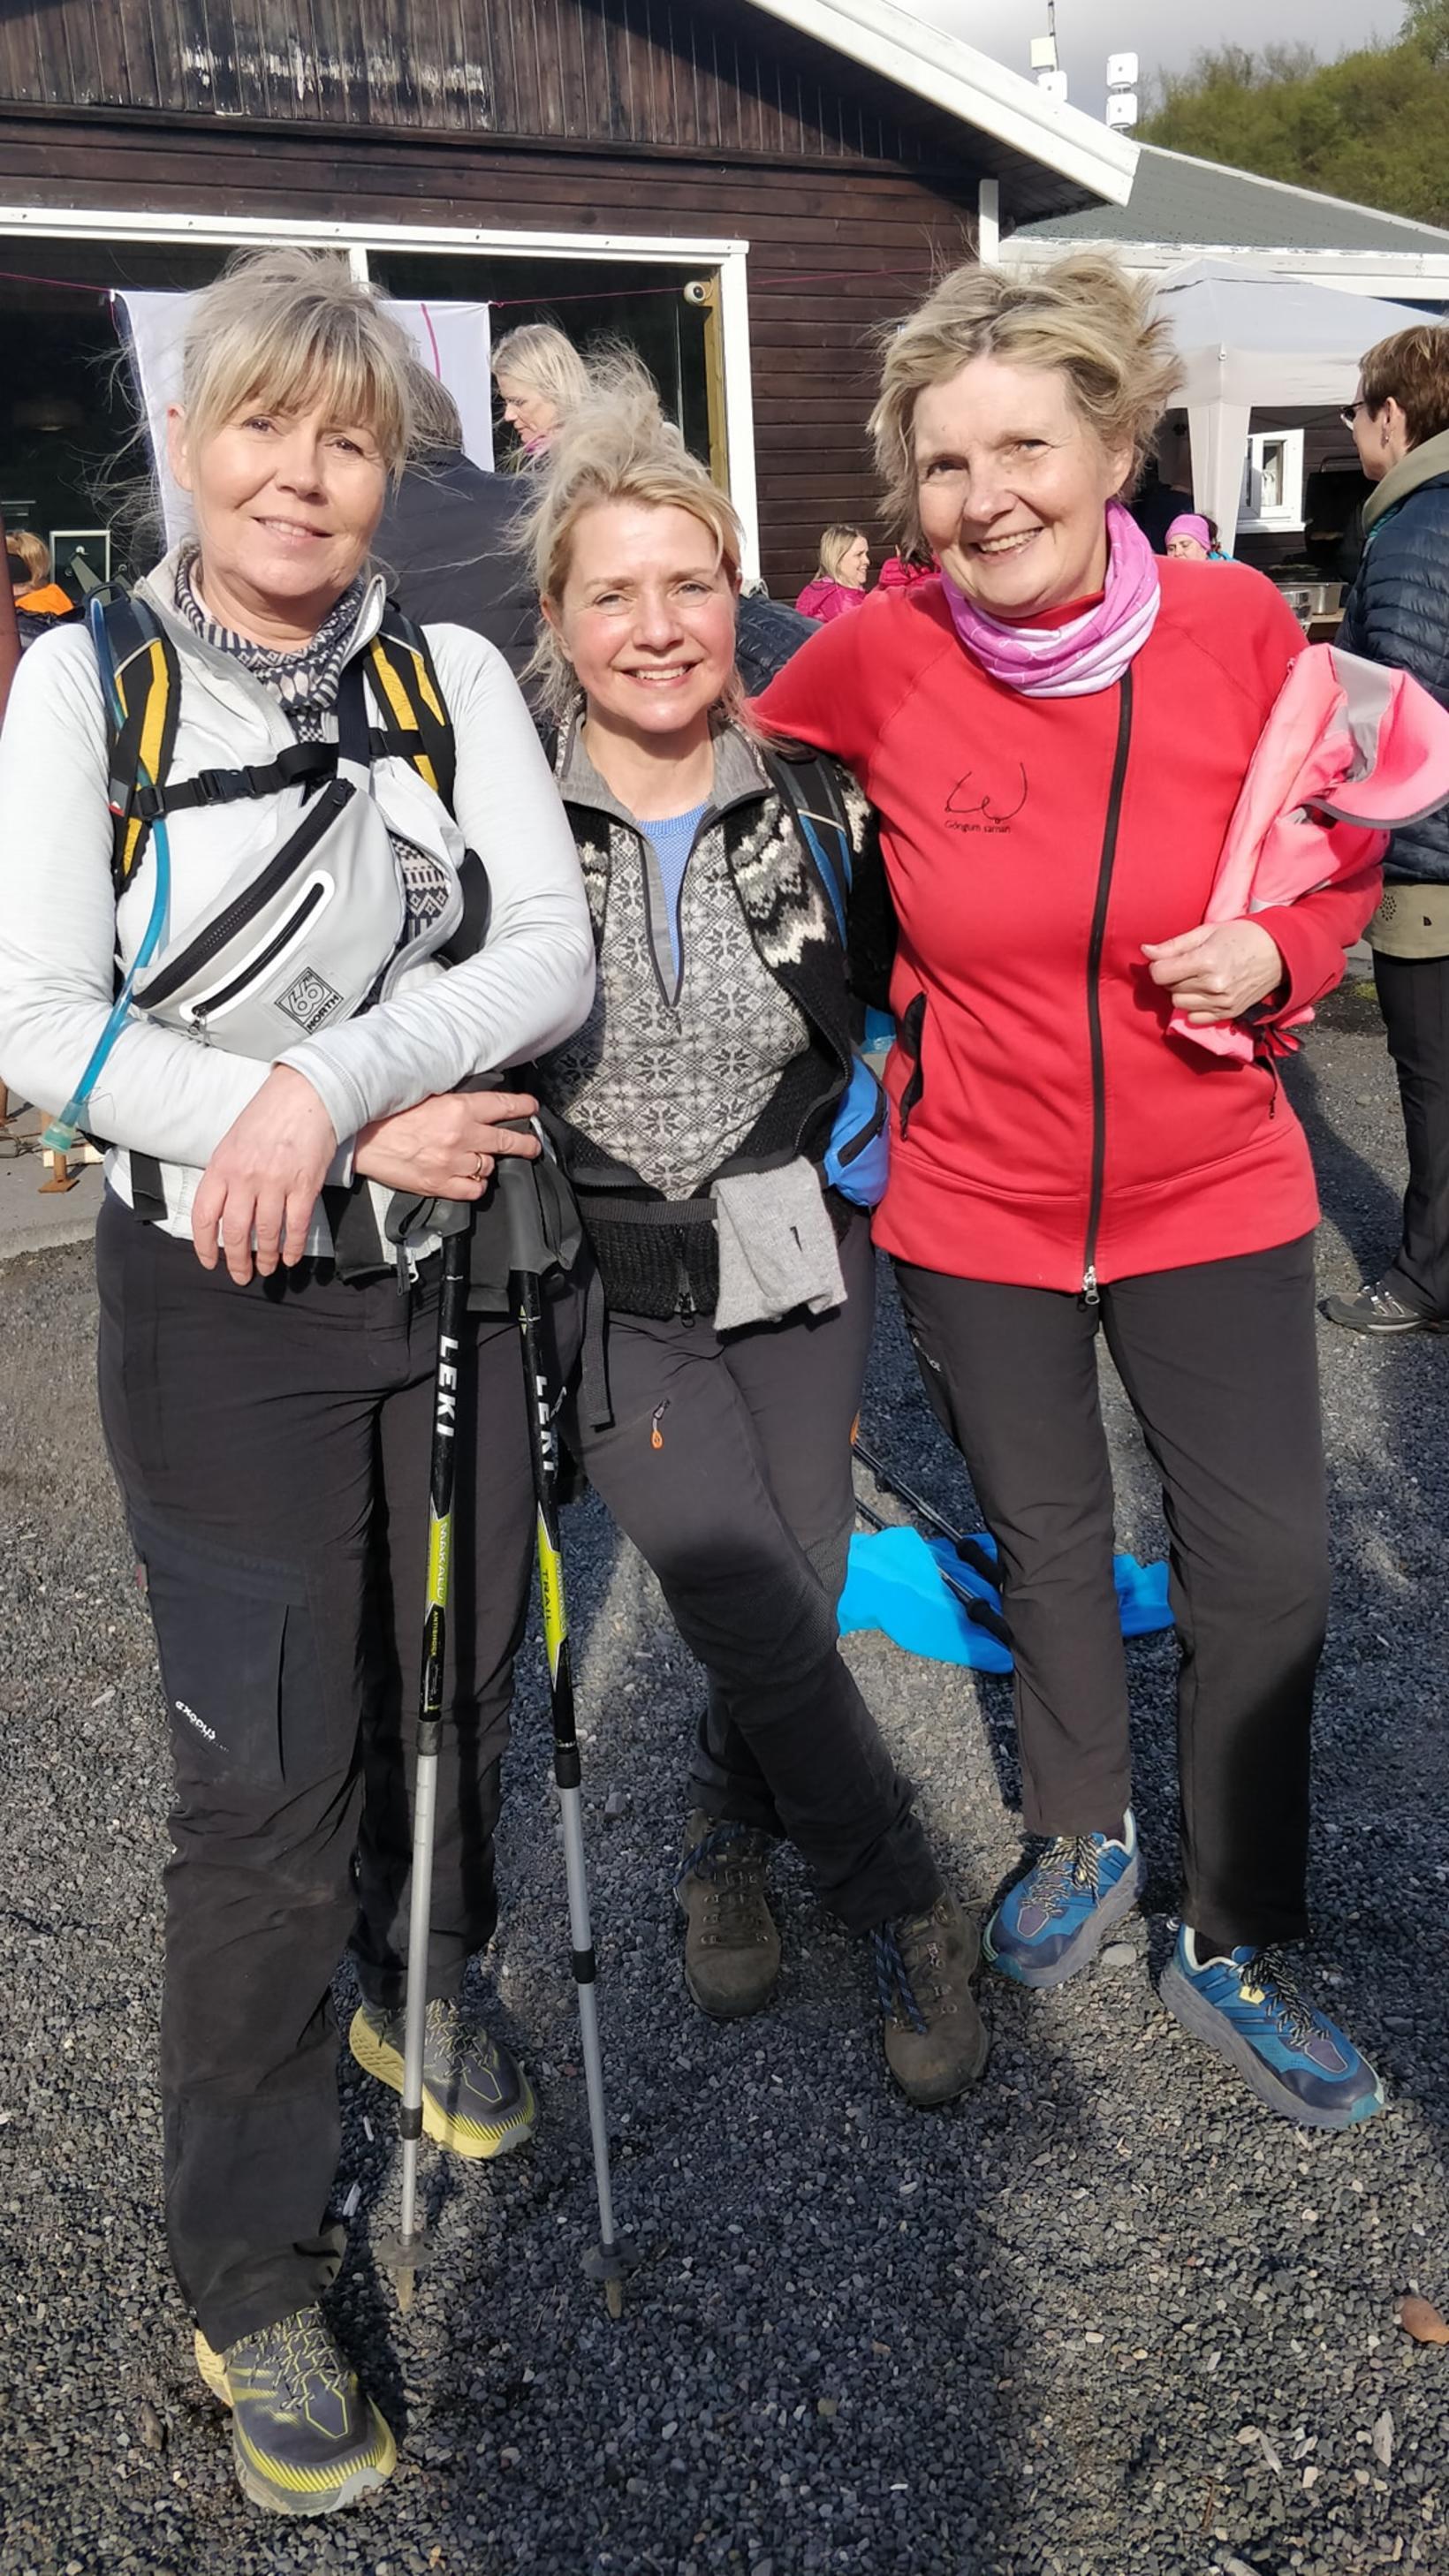 Ragnhildur Vigfúsdóttir, Guðlaug Elín Bjarnadóttir og Jónína Eir Hauksdóttir.